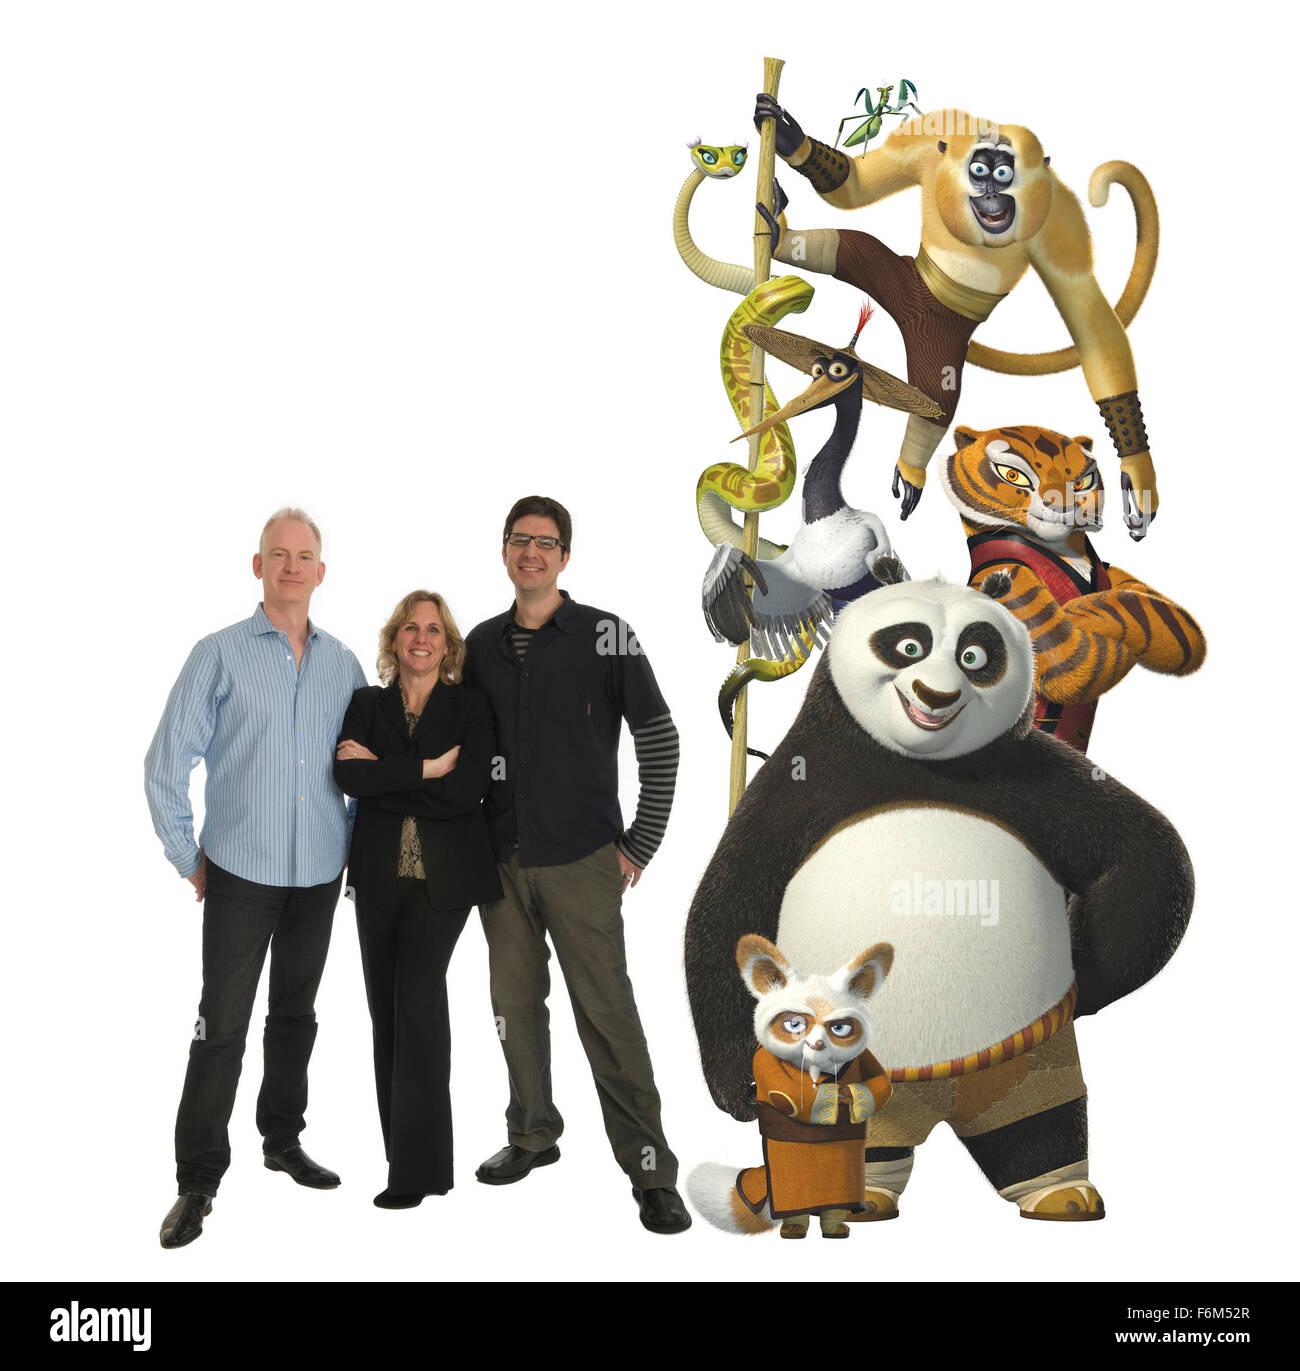 Kung fu panda release date in Perth